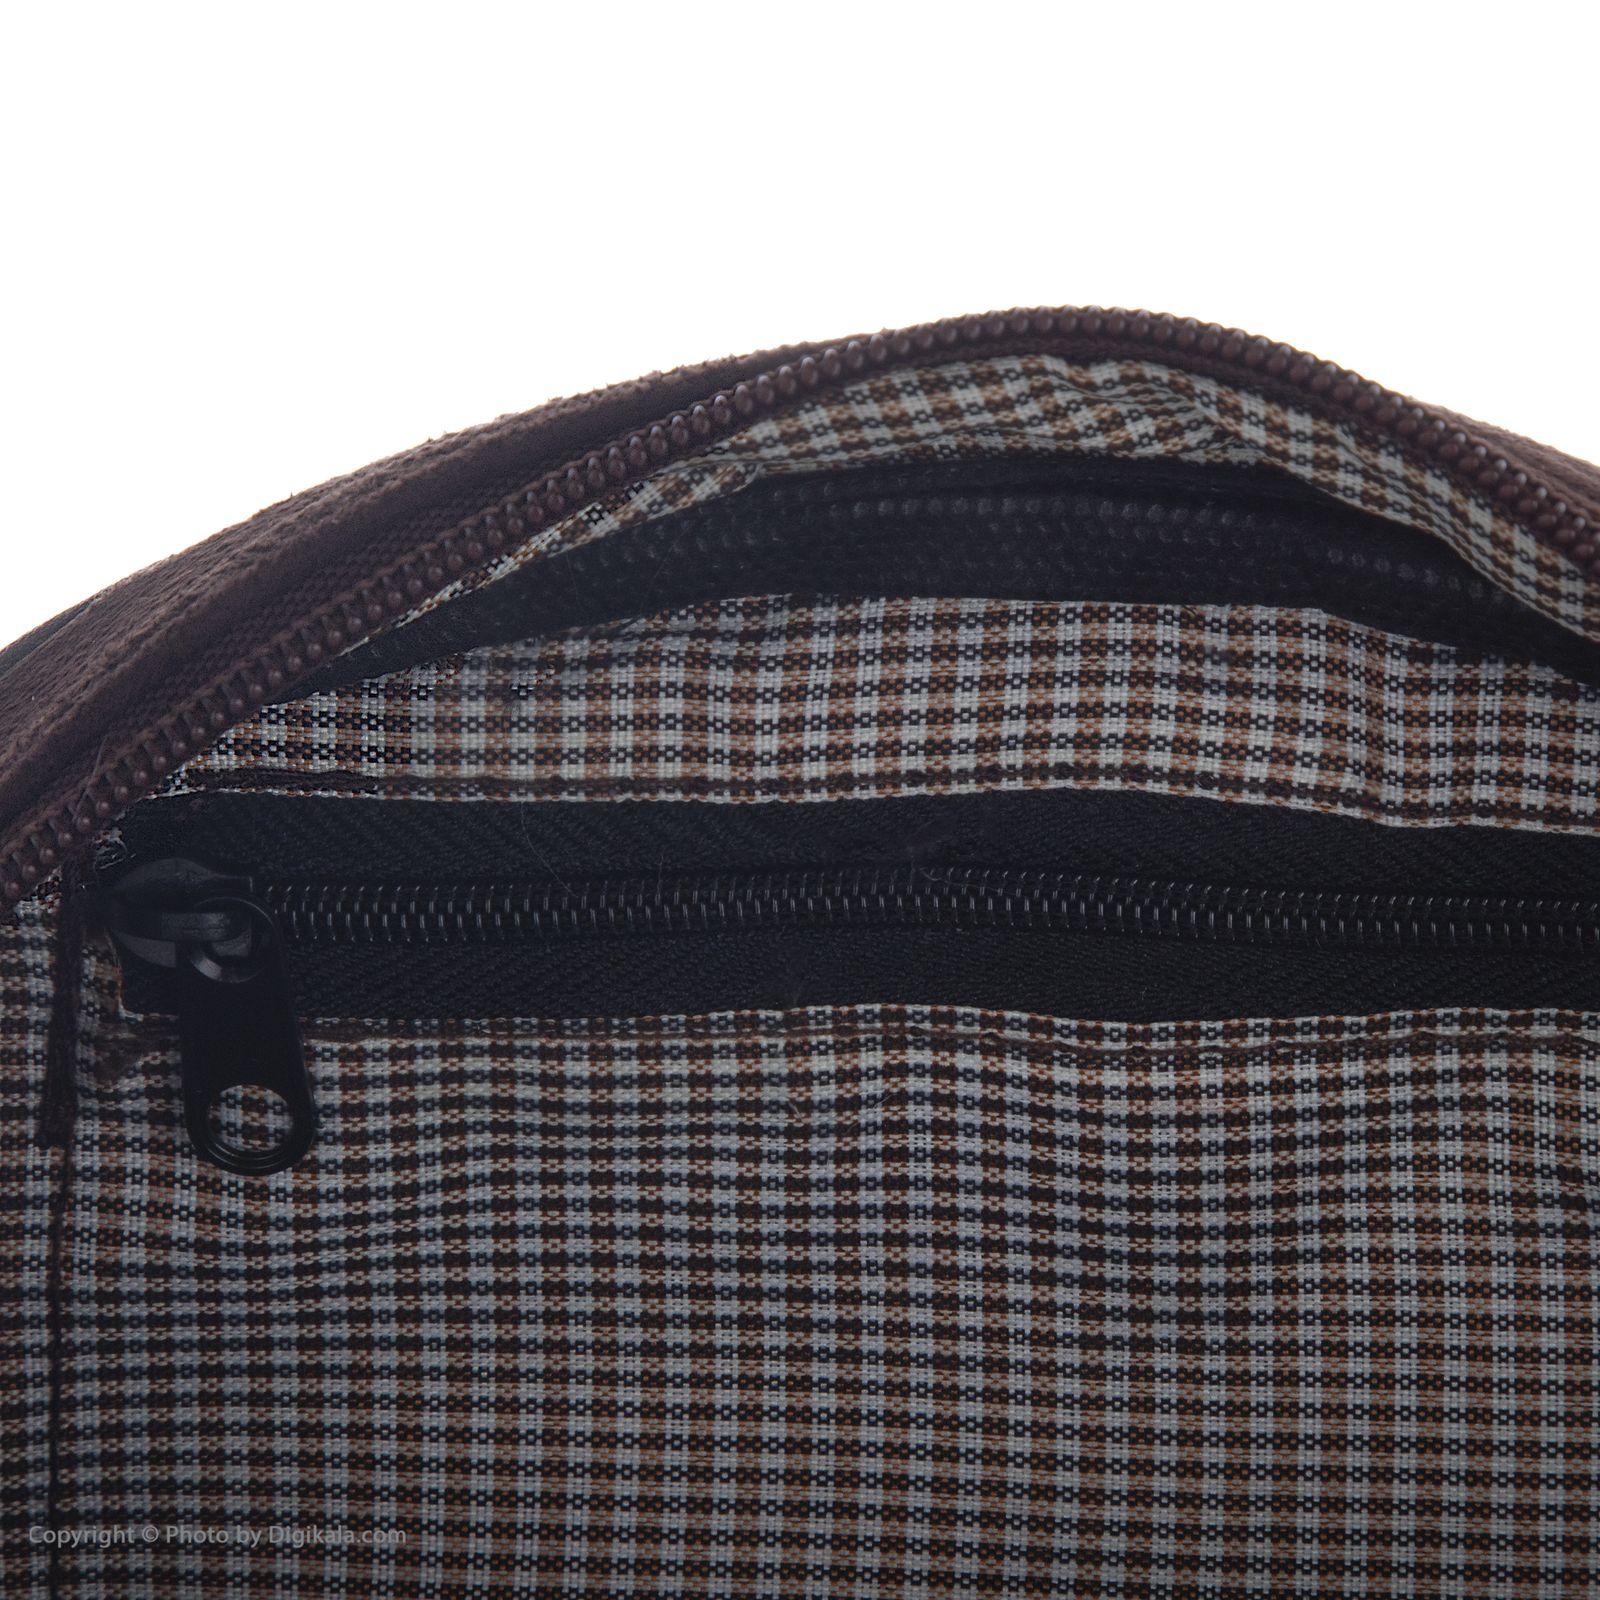 کیف رودوشی زنانه میو مدل MBSK163 -  - 4